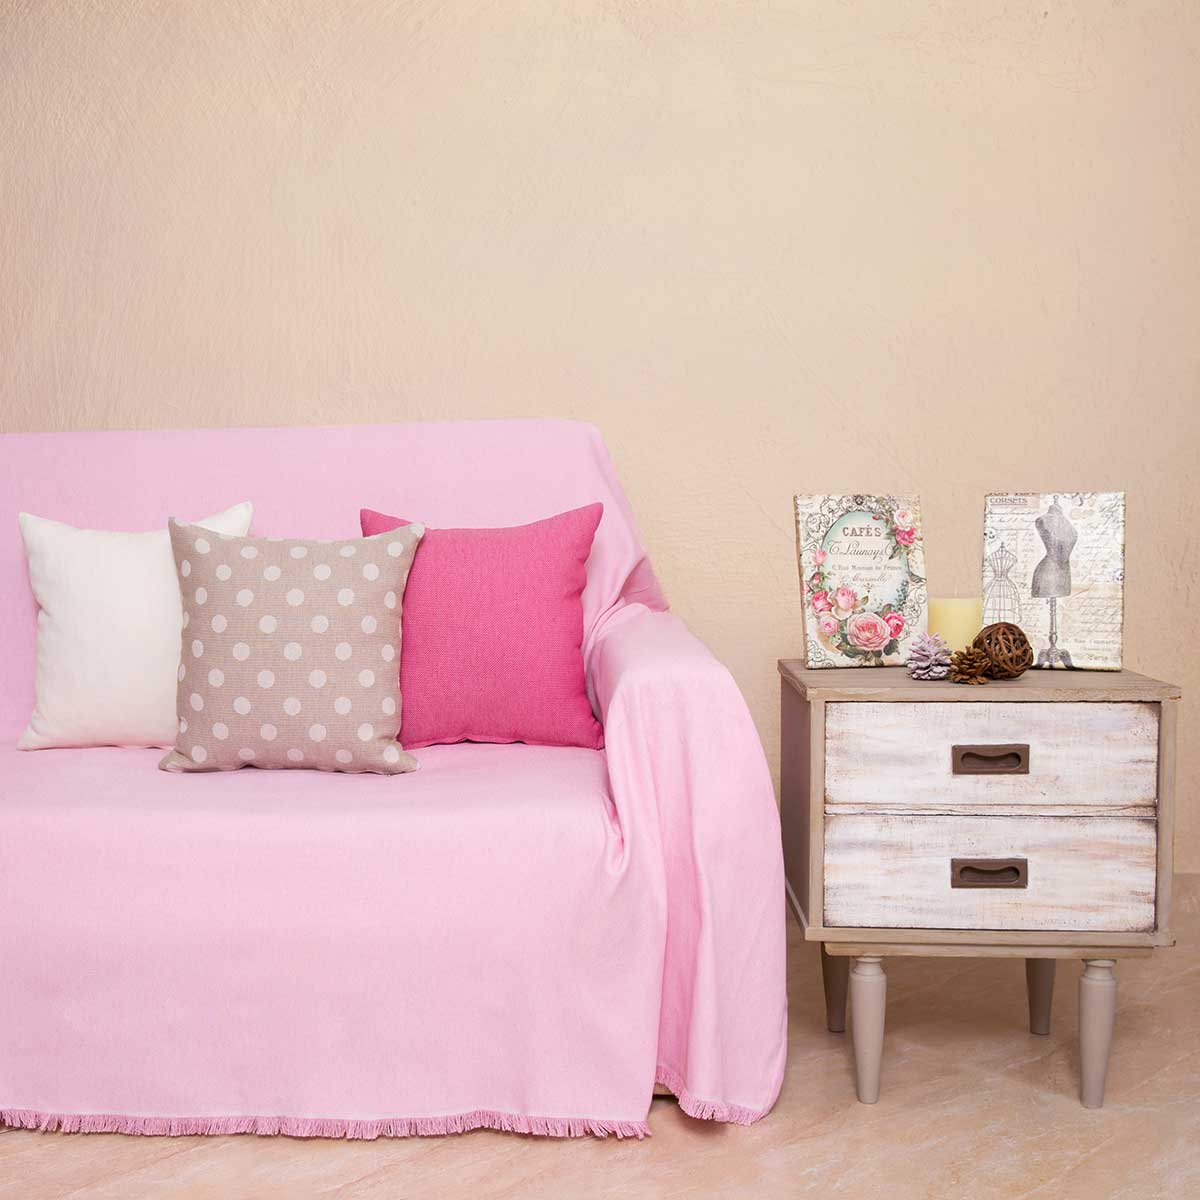 Ριχτάρι Πολυθρόνας (180×180) Loom To Room Regalo Pink